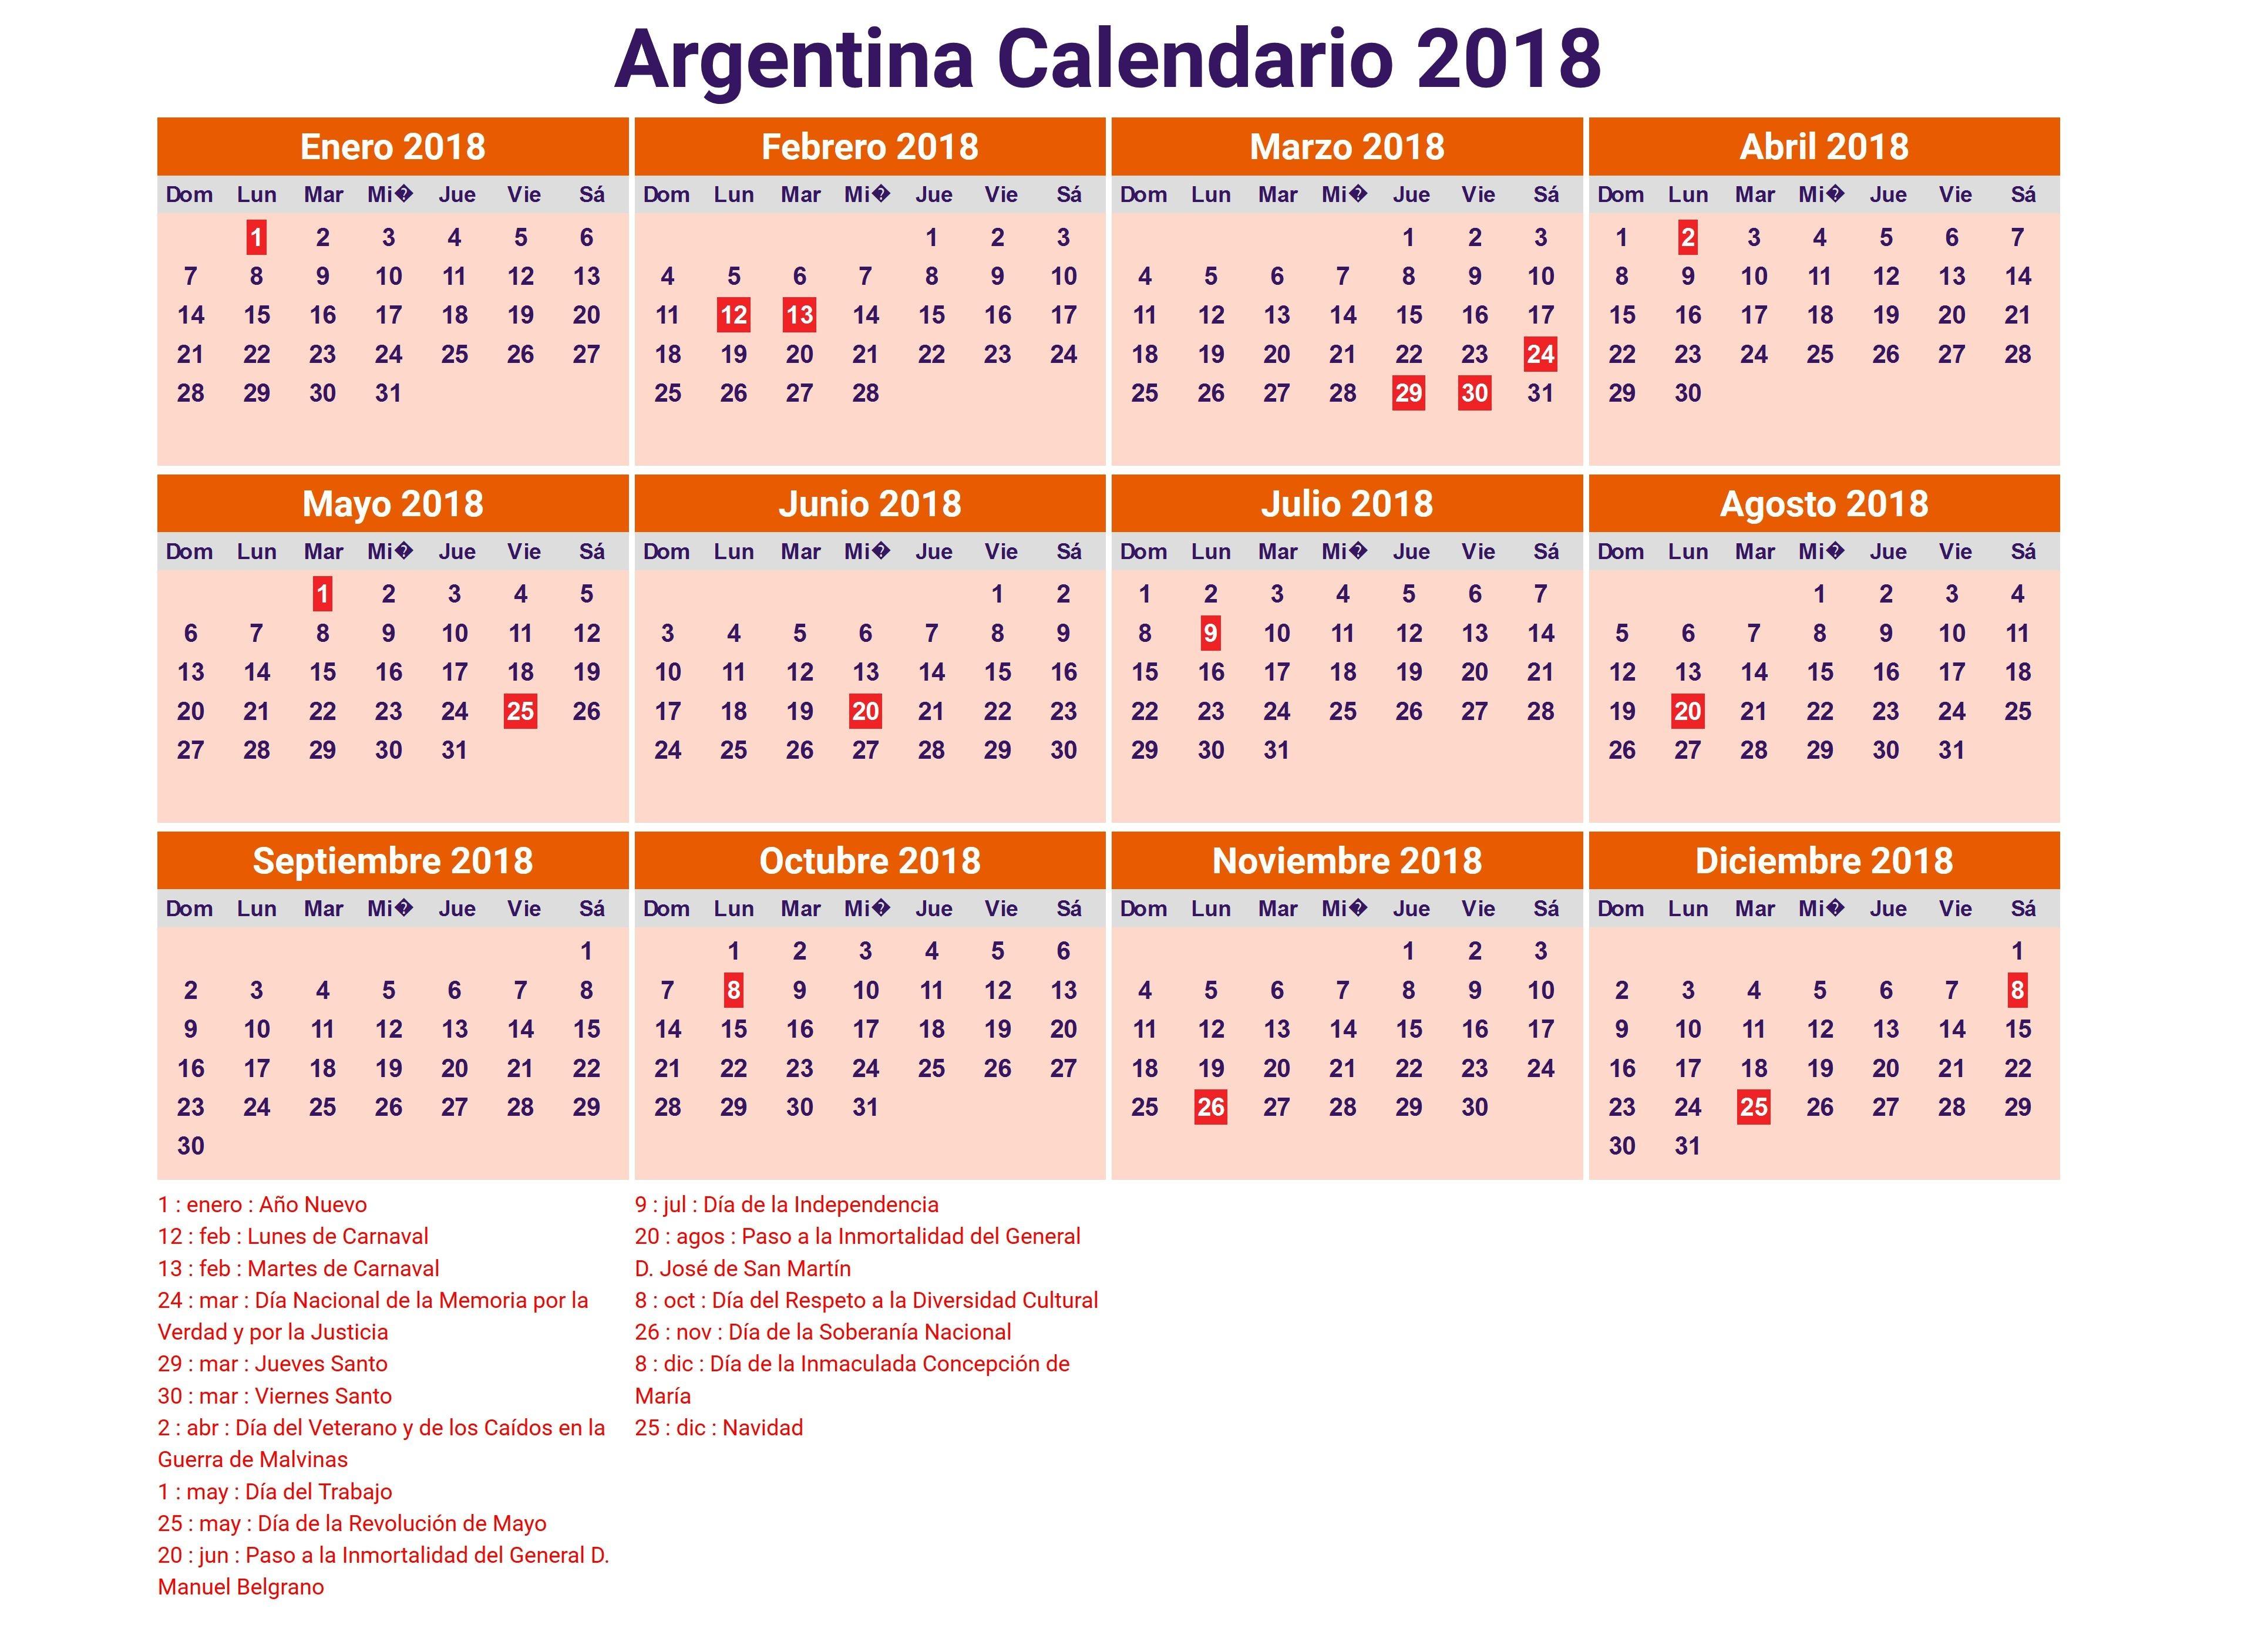 Calendario 2019 Argentina Oficial Para Imprimir Más Reciente Calendario 2018 Para Imprimir Feriados Kordurorddiner Of Calendario 2019 Argentina Oficial Para Imprimir Más Recientes Universidad Nacional De Tierra Del Fuego